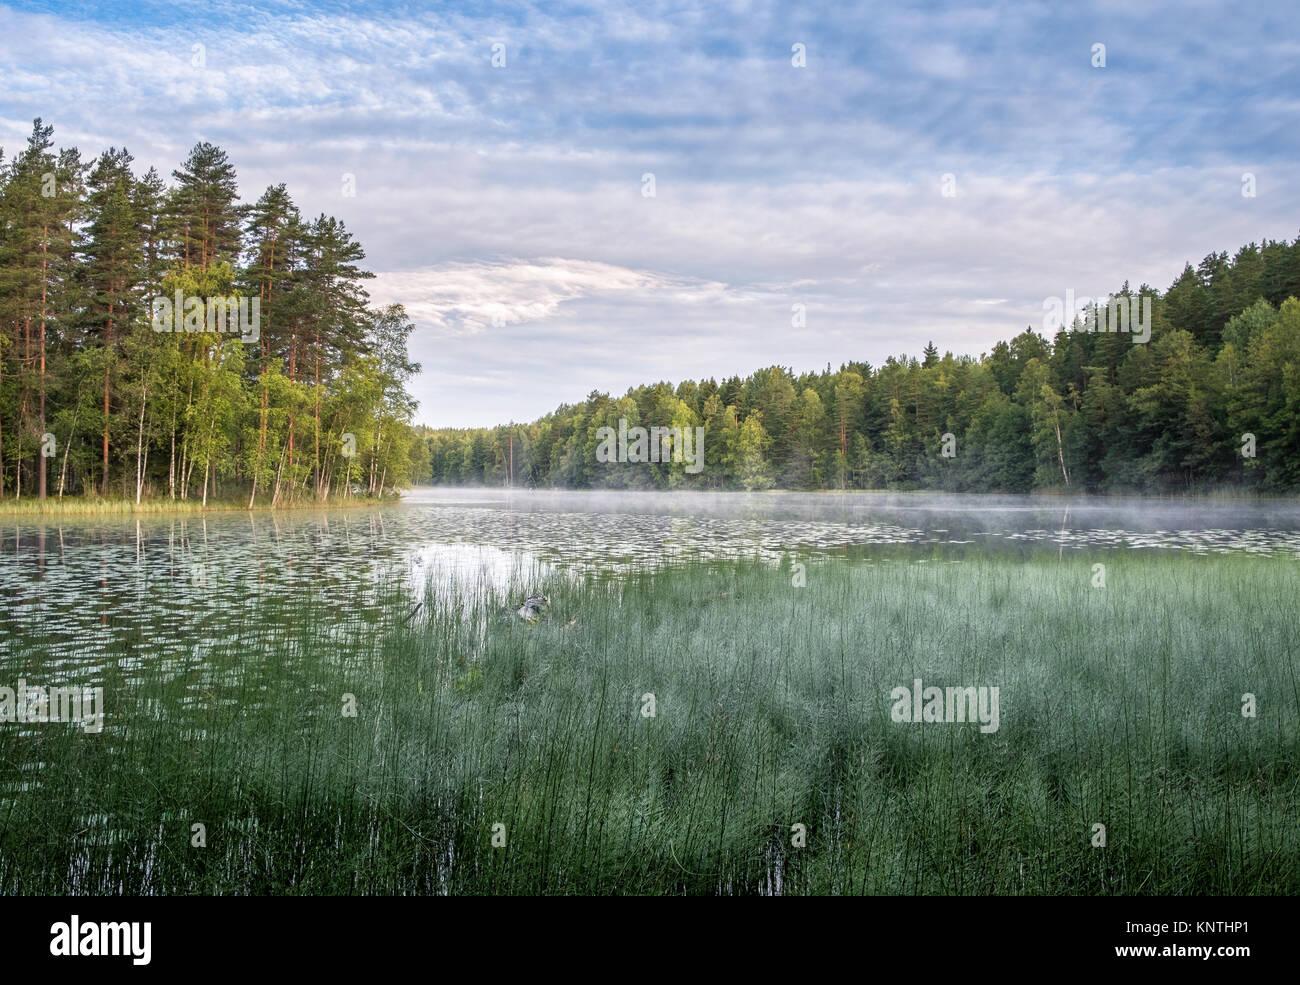 Friedliche Morgenstimmung mit herrlichem Seeblick im Herbst in Nuuksio Nationalpark, Finnland Stockbild